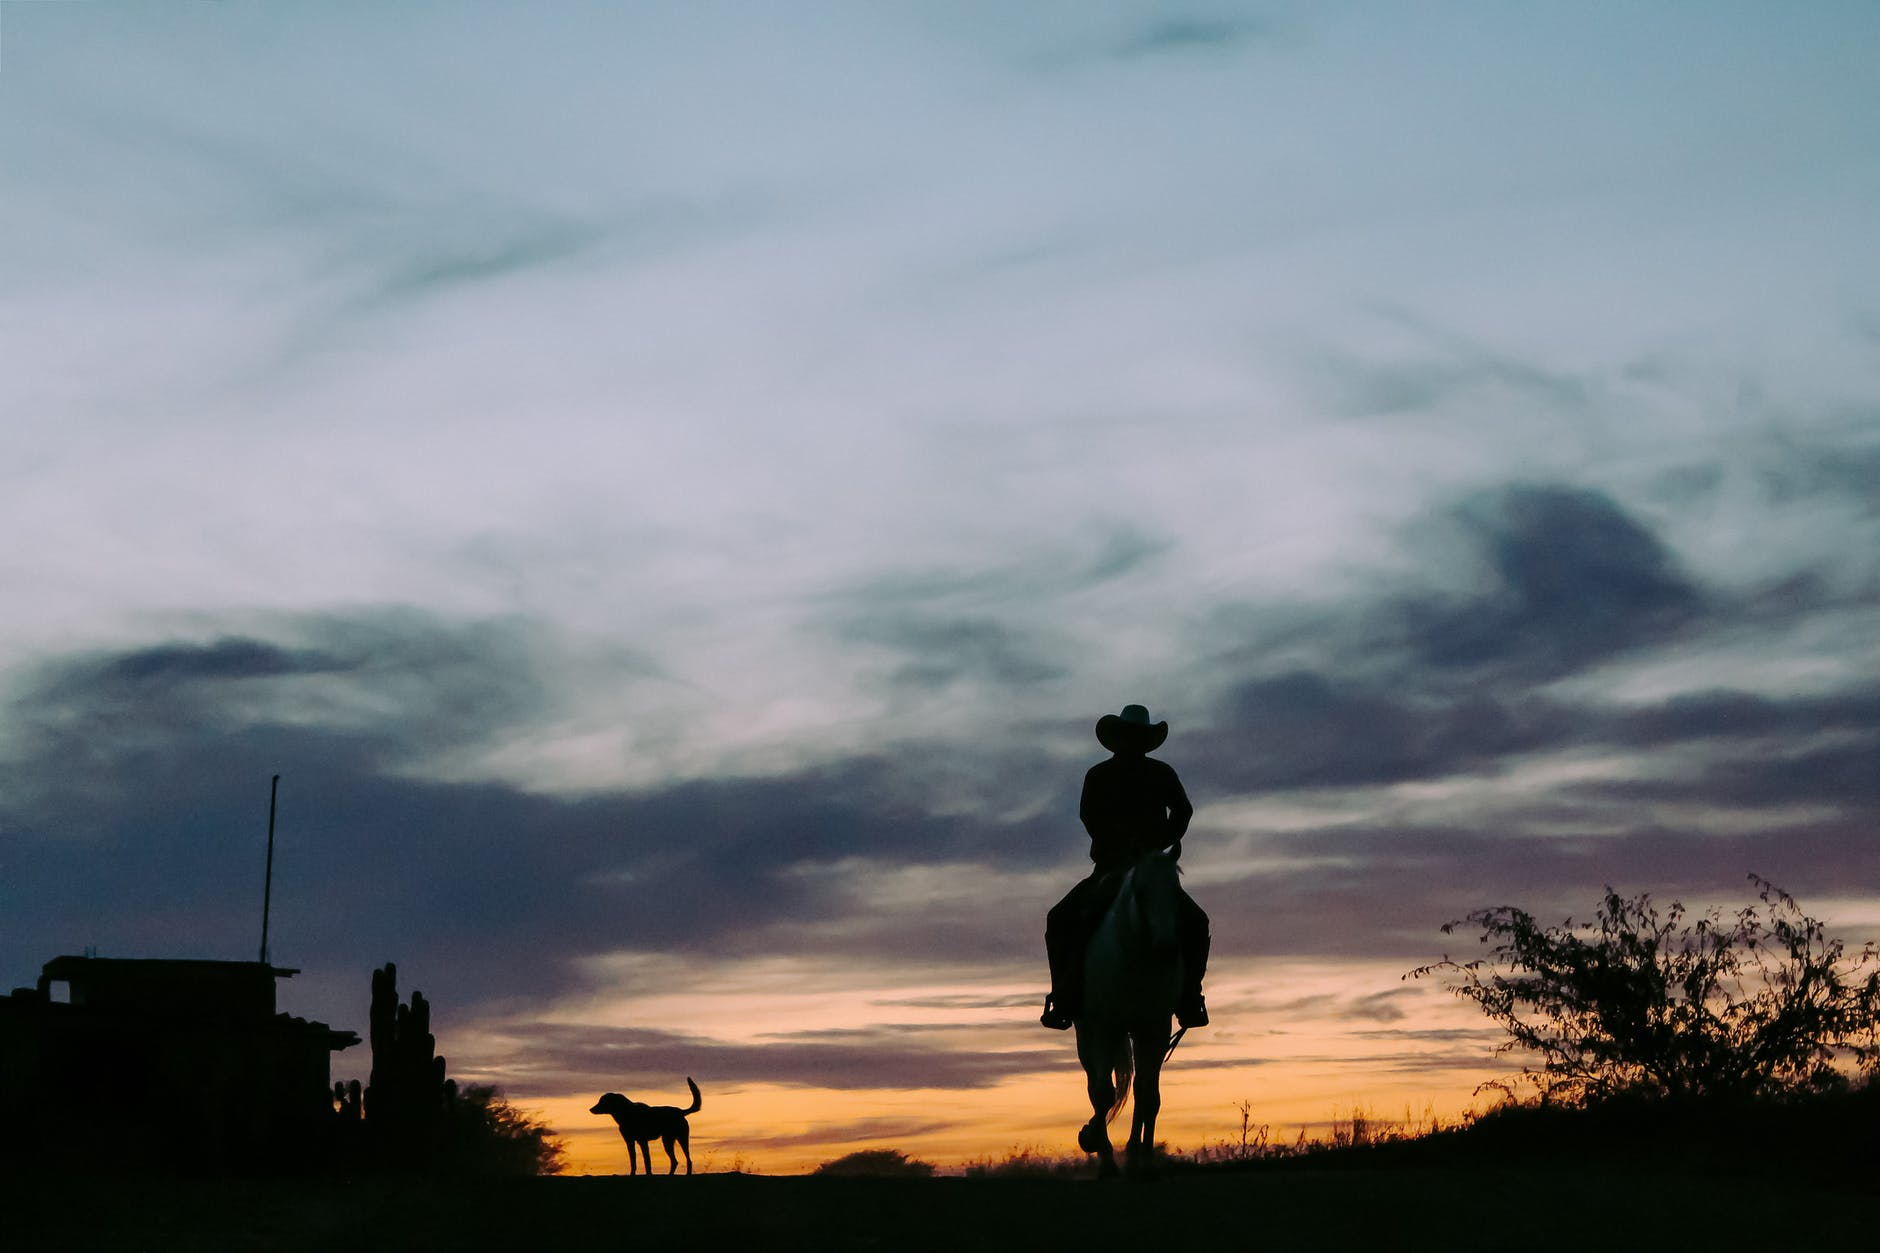 Вечори на ранчо близь Гудзону